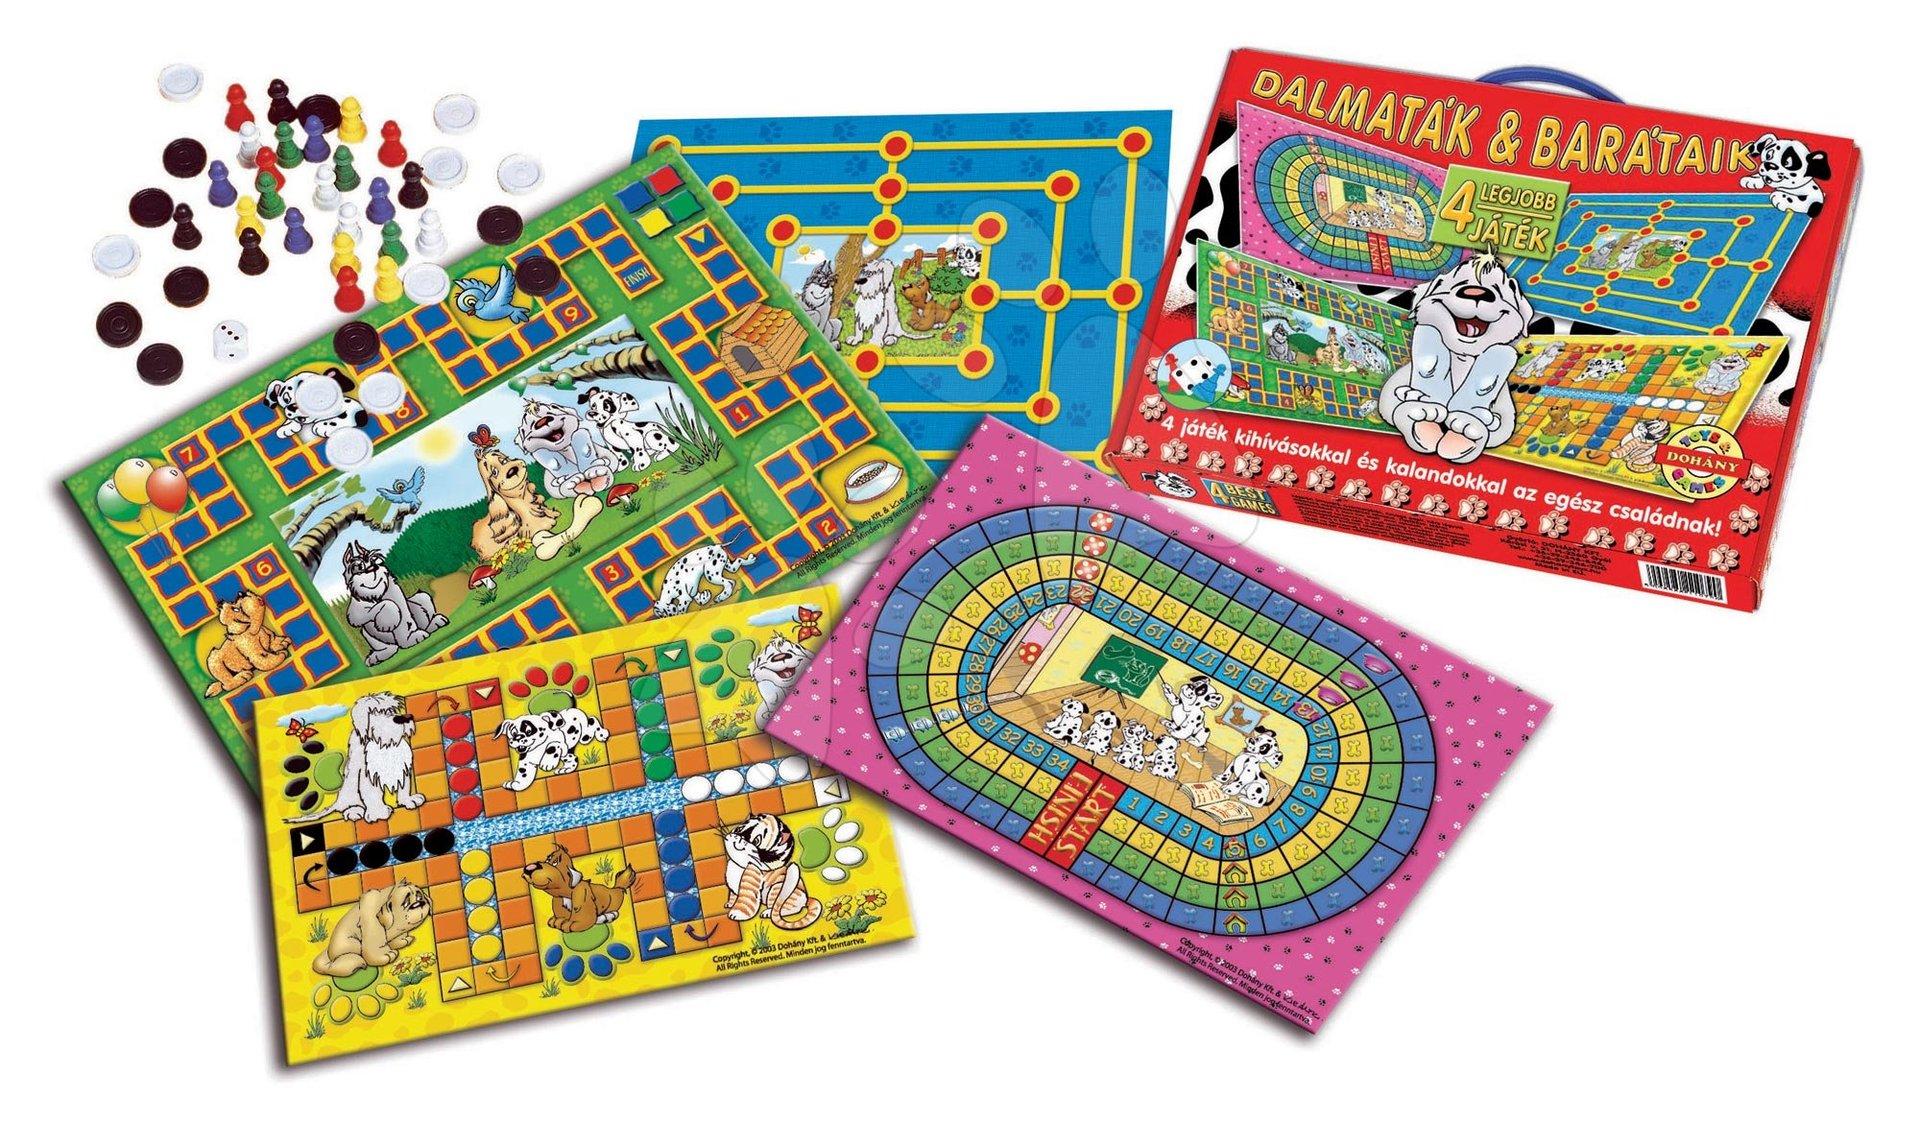 Komplet h družabnih iger 101 Dalmatinec 4v1 Dohány